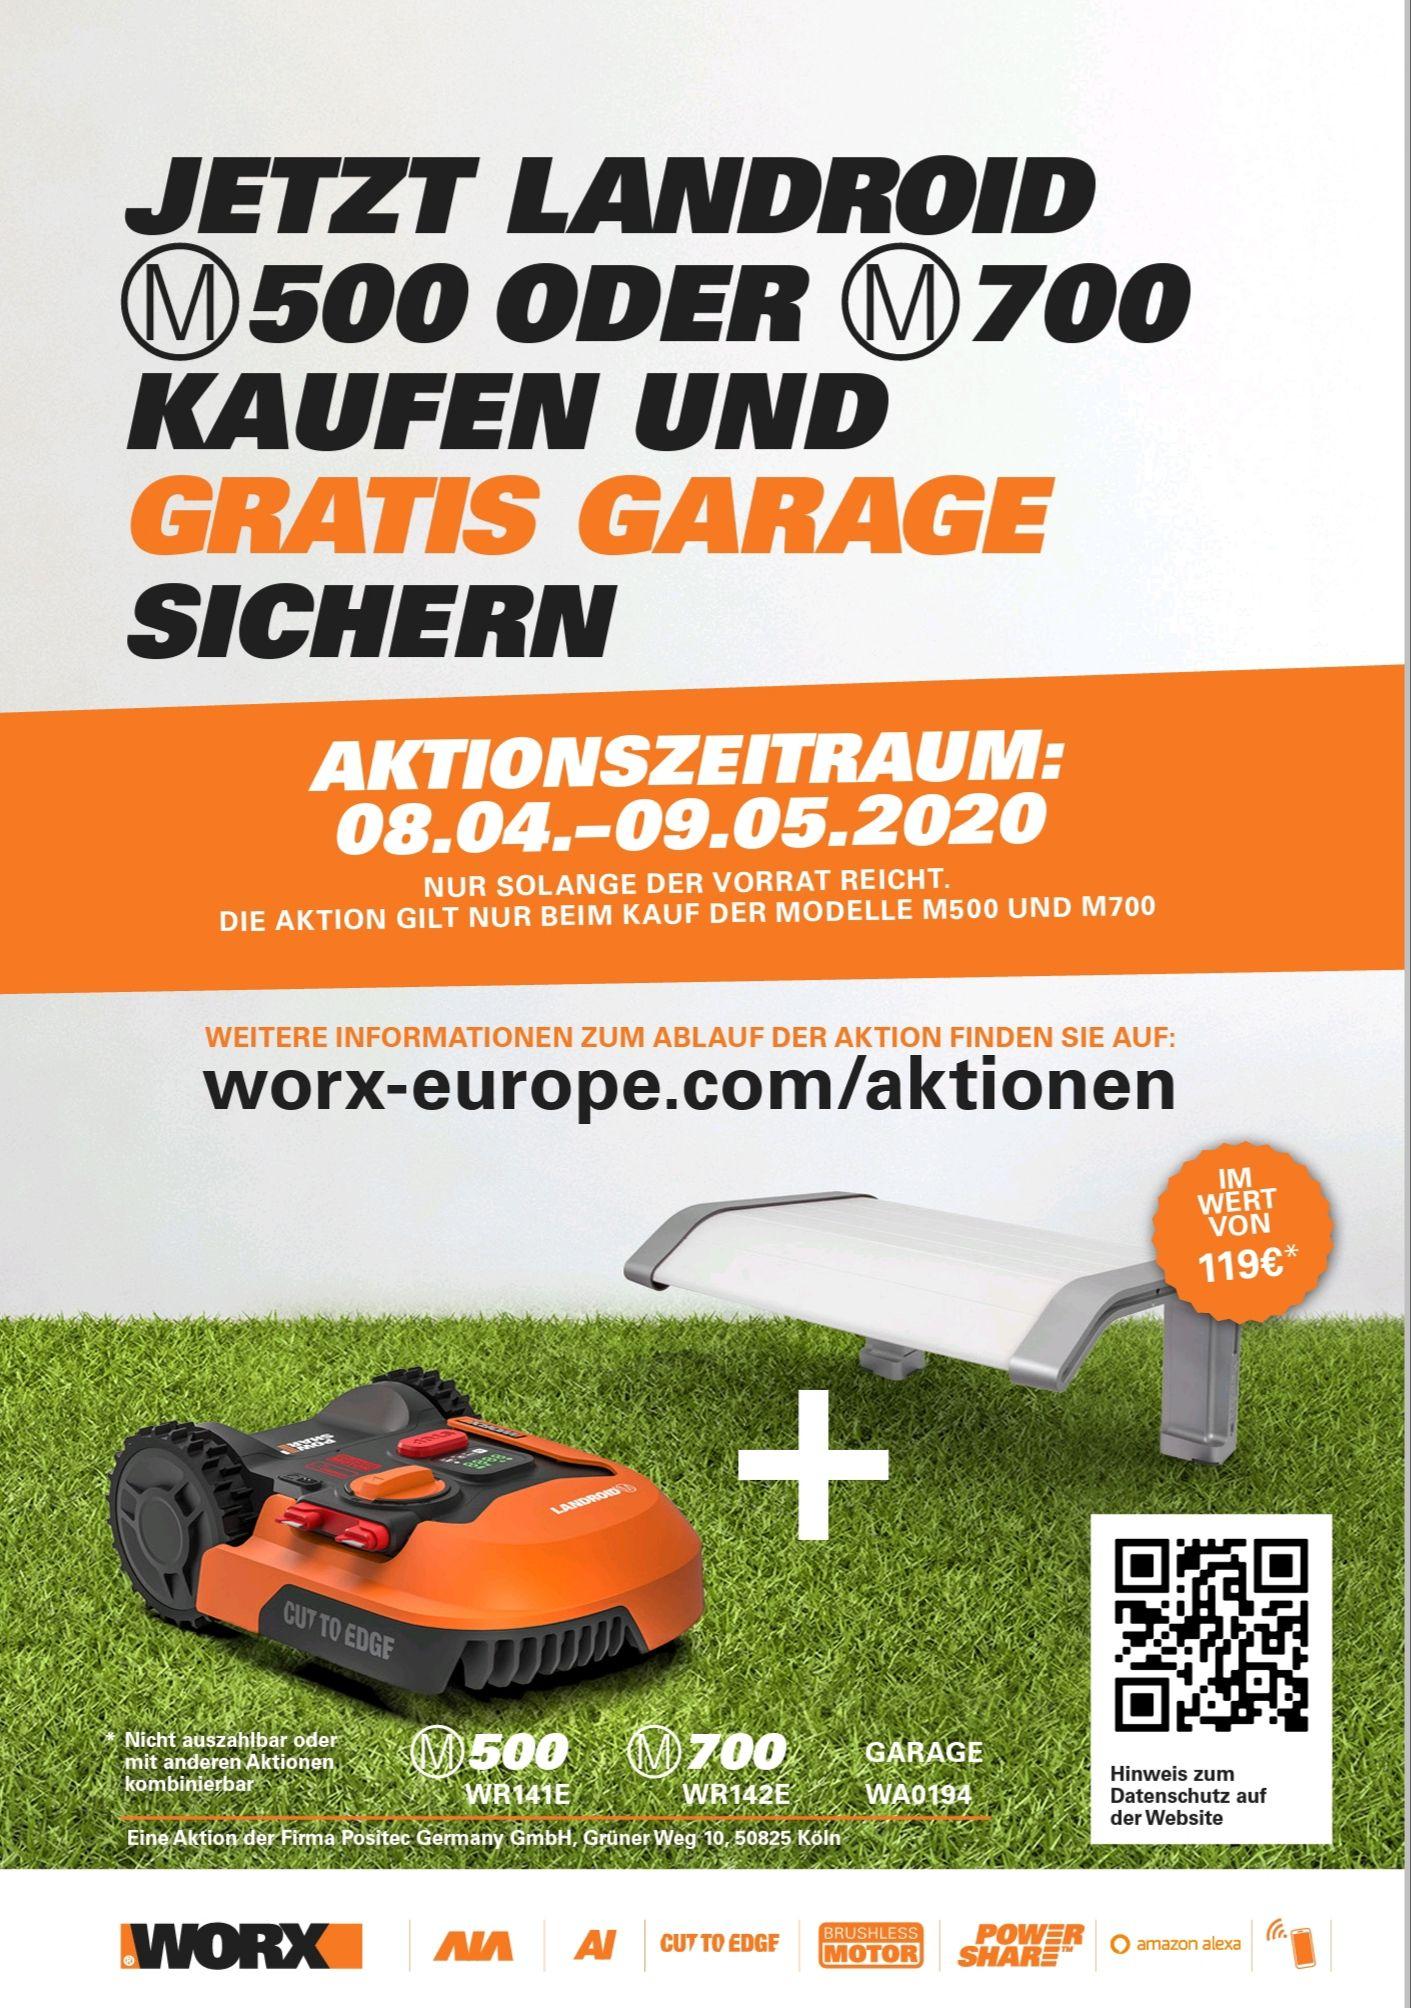 Worx Landroid M500, M700 inkl Garage